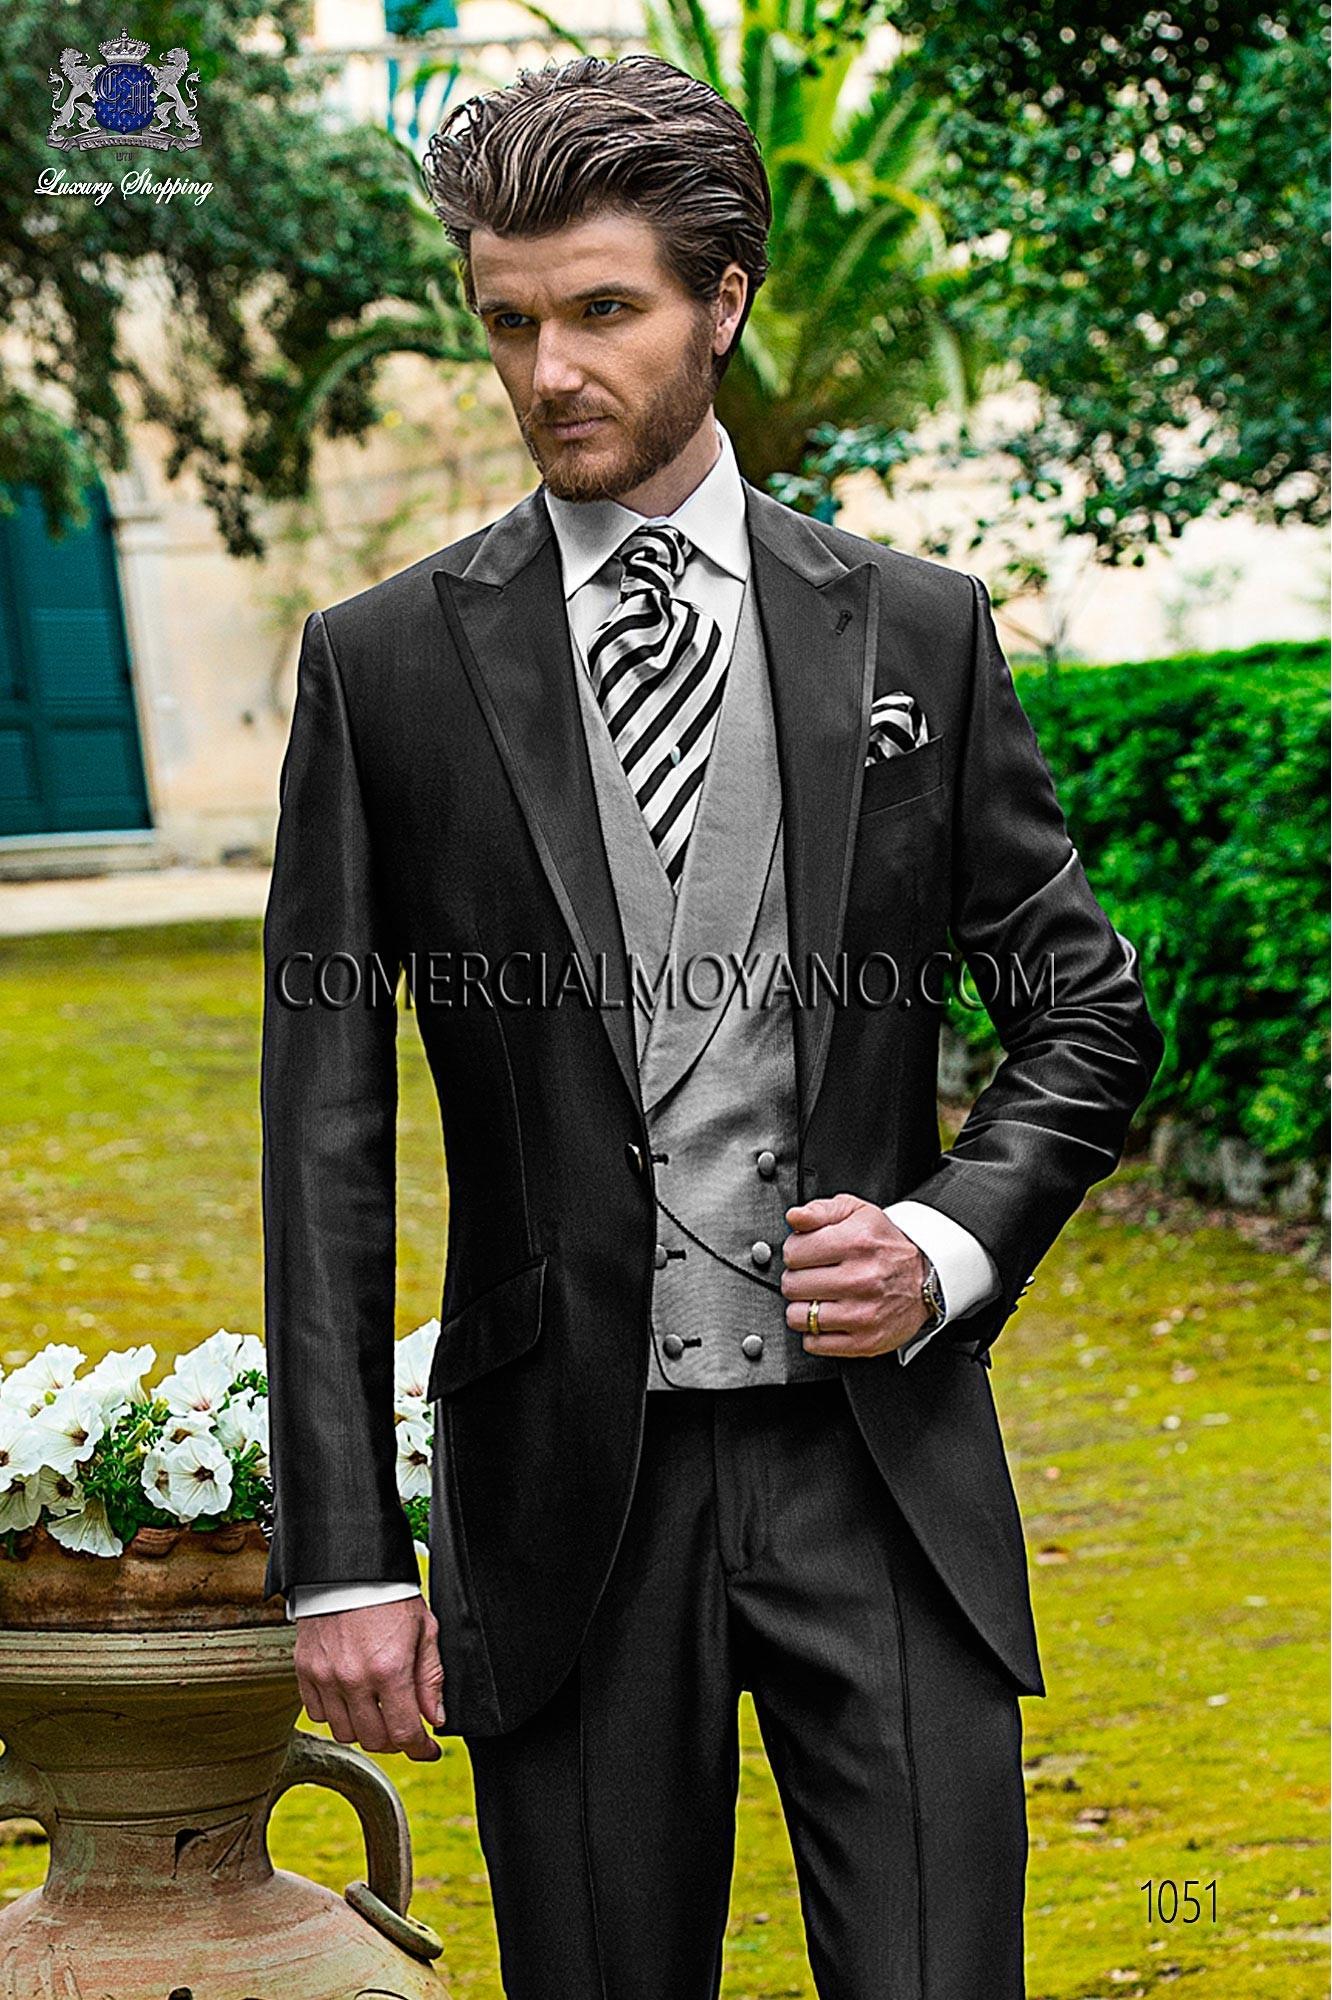 Traje Fashion de novio negro modelo: 1051 Ottavio Nuccio Gala colección Fashion